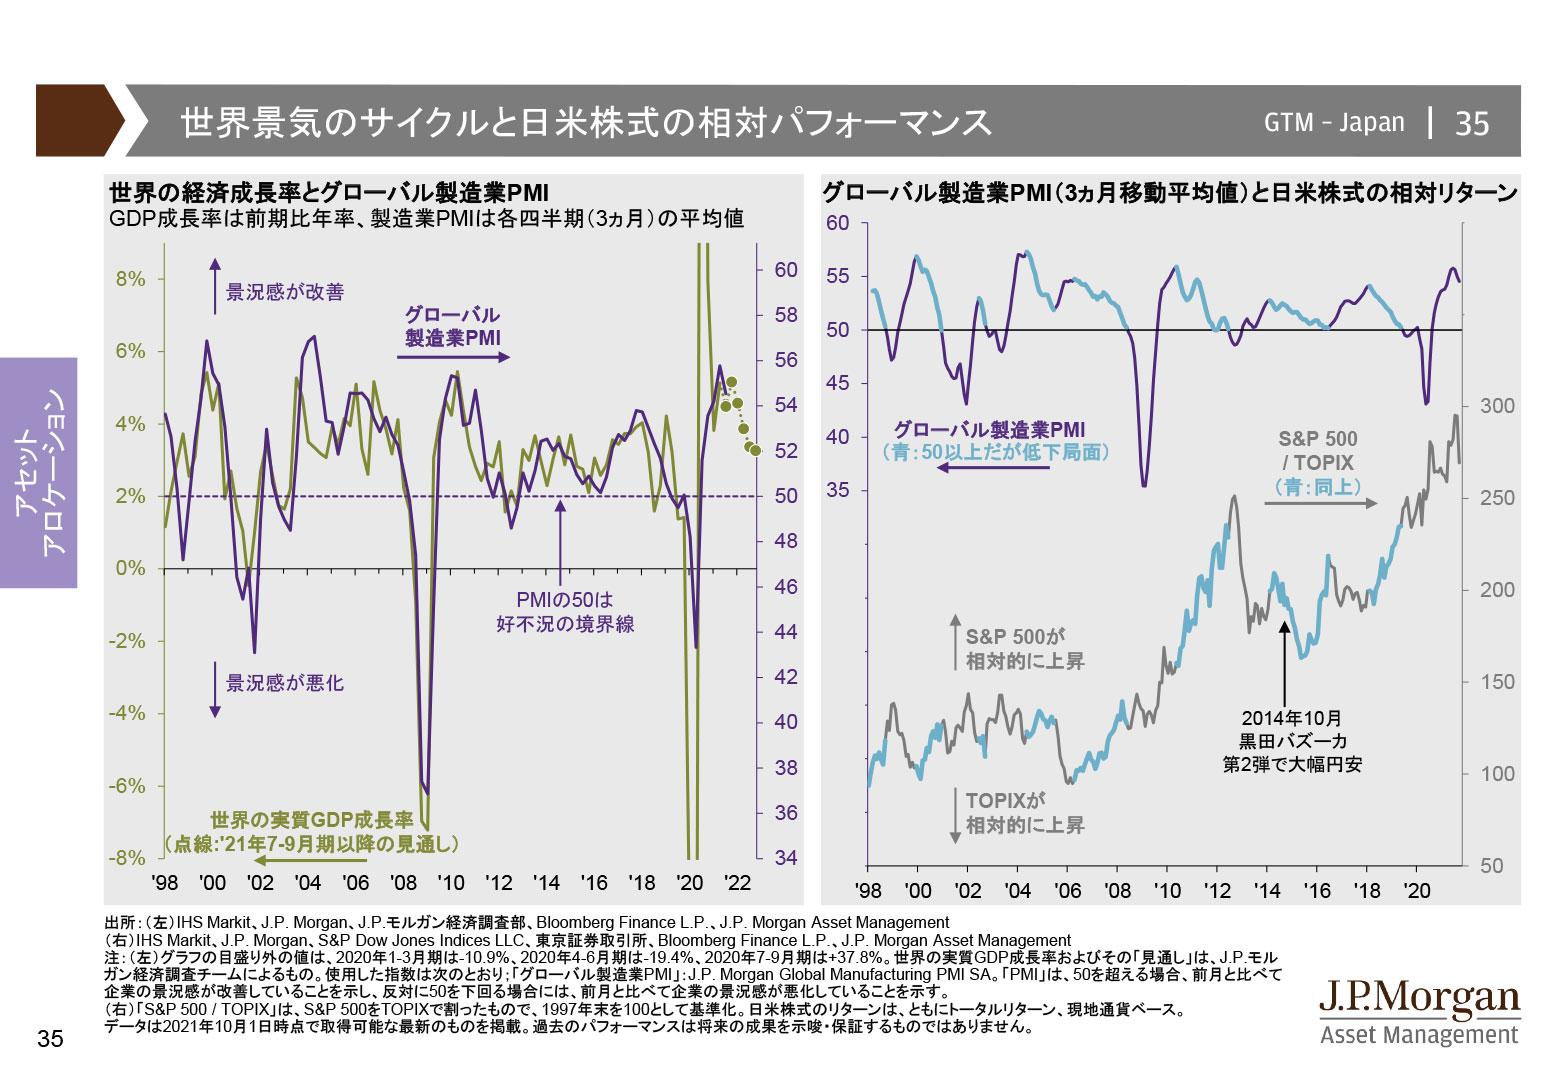 世界景気のサイクルと日米株式の相対パフォーマンス